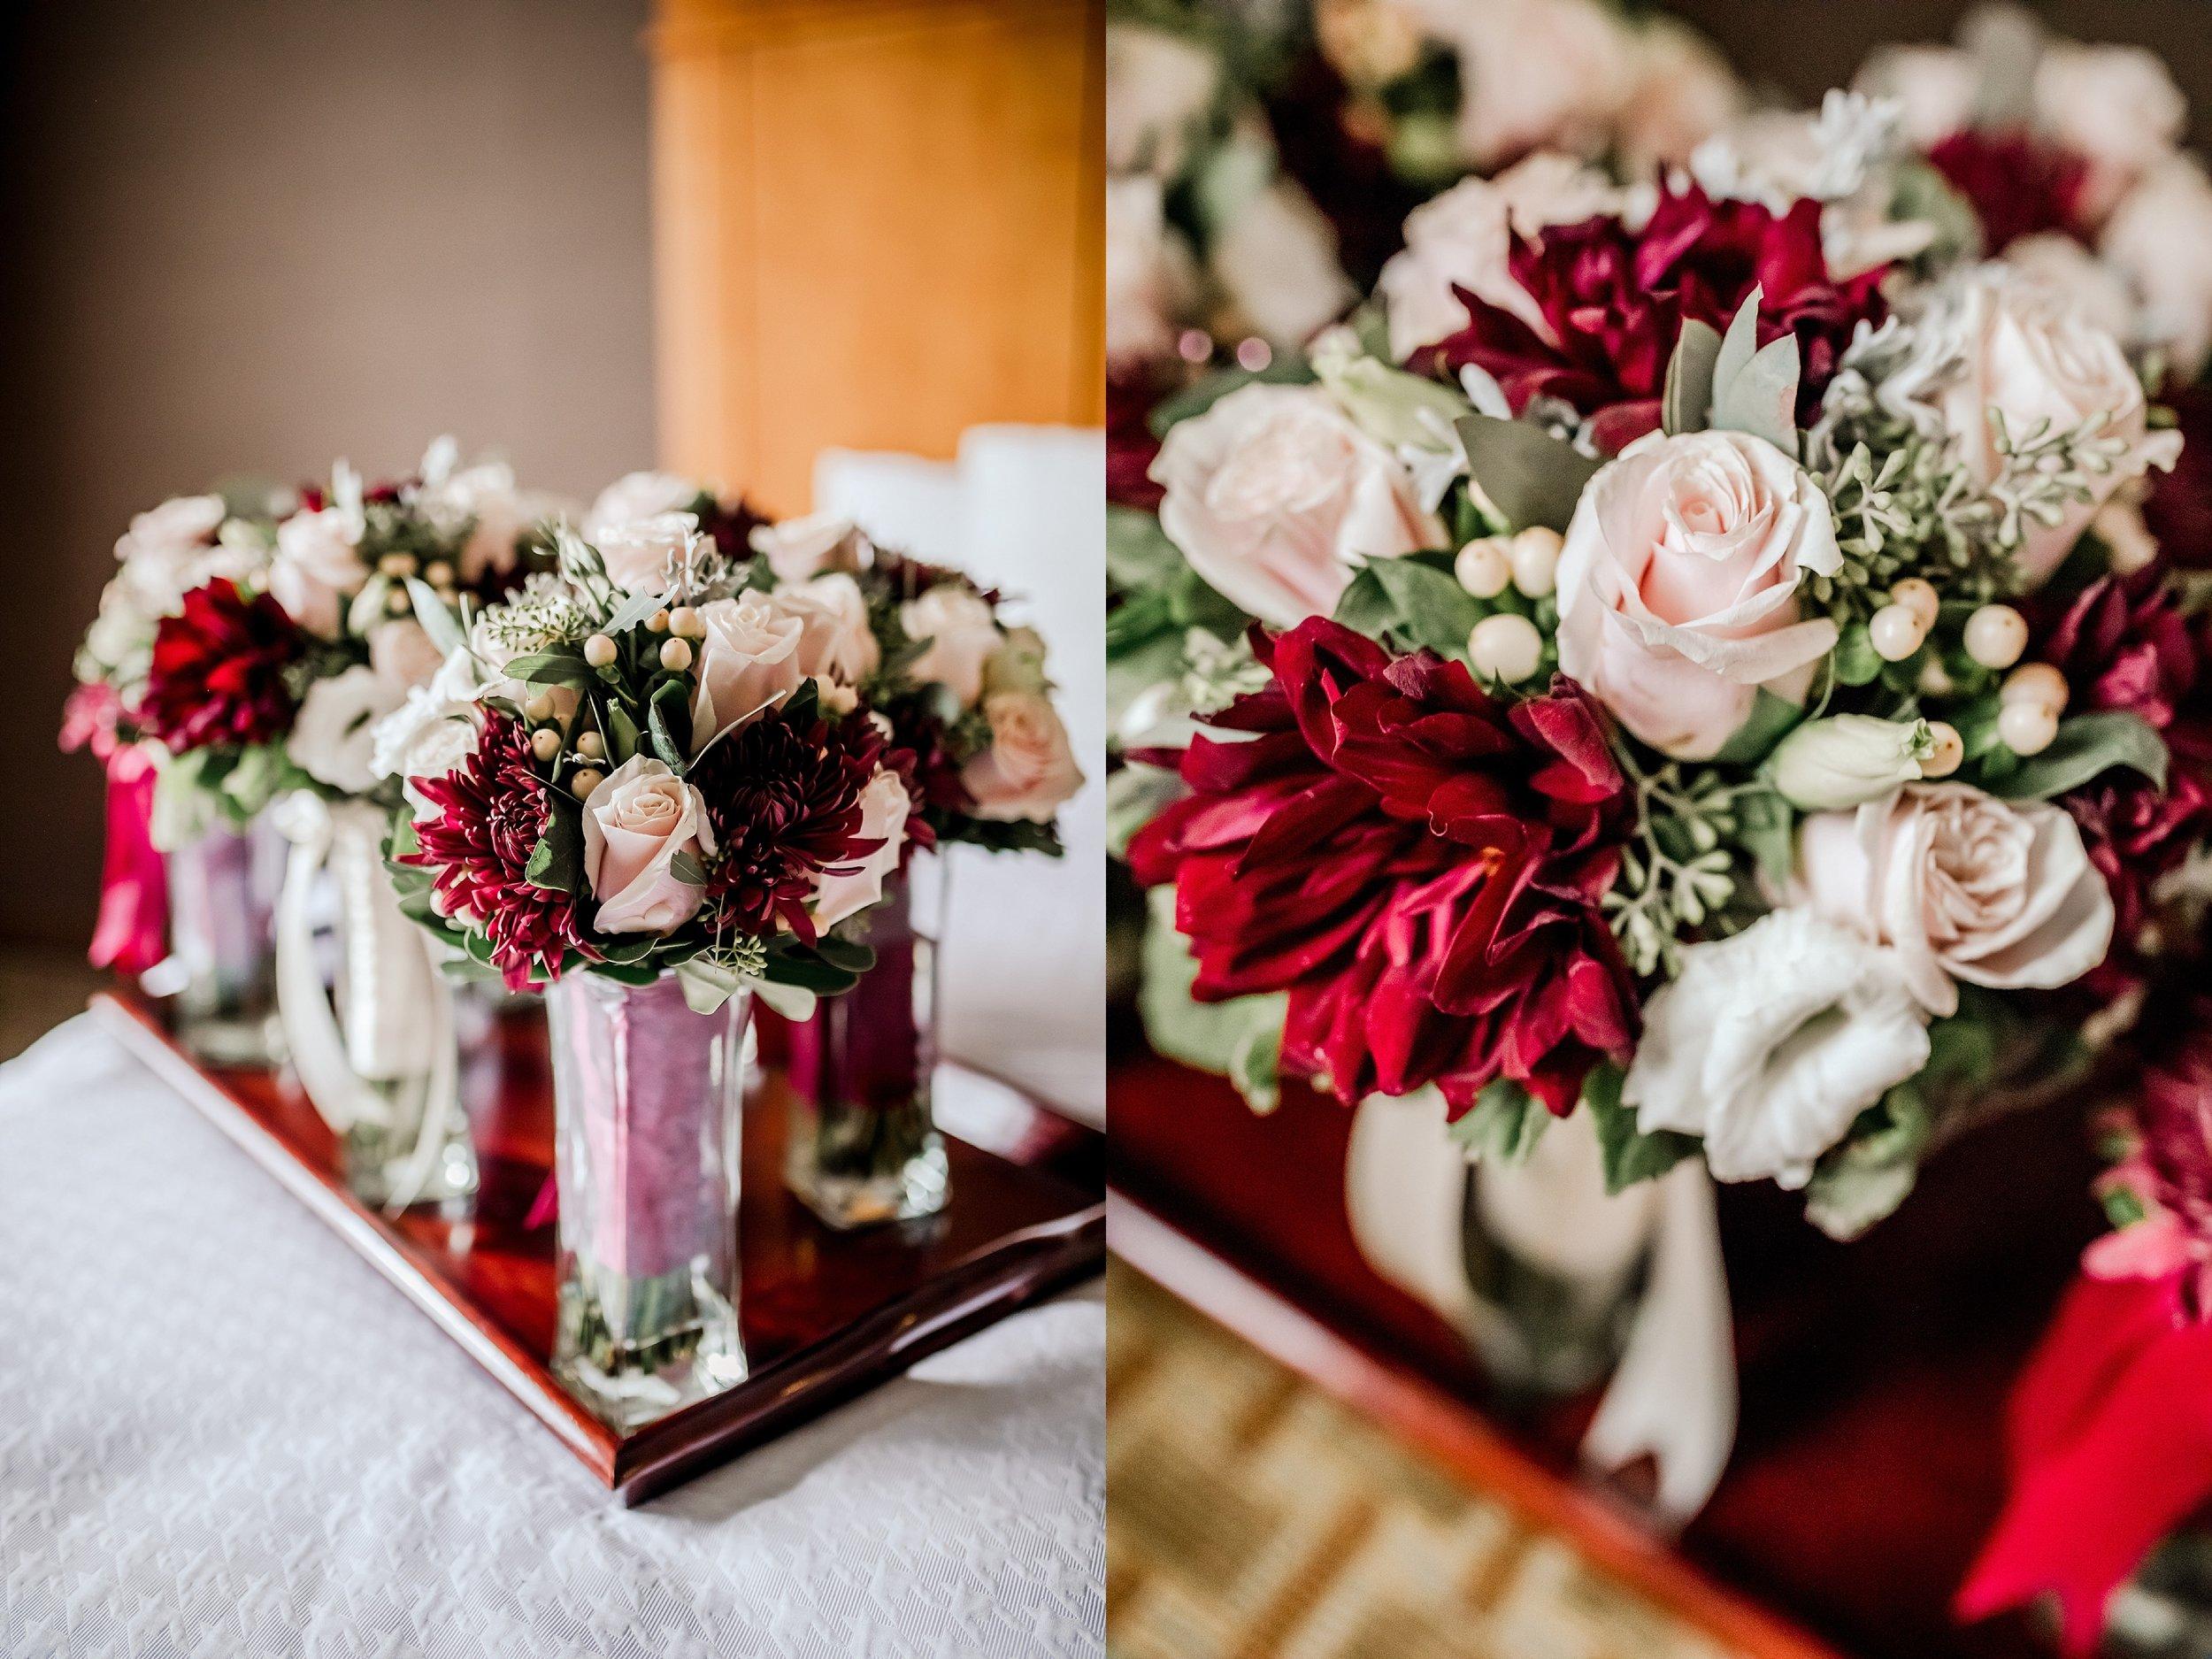 Savidge-Farms-Wedding-Photographer_0007.jpg